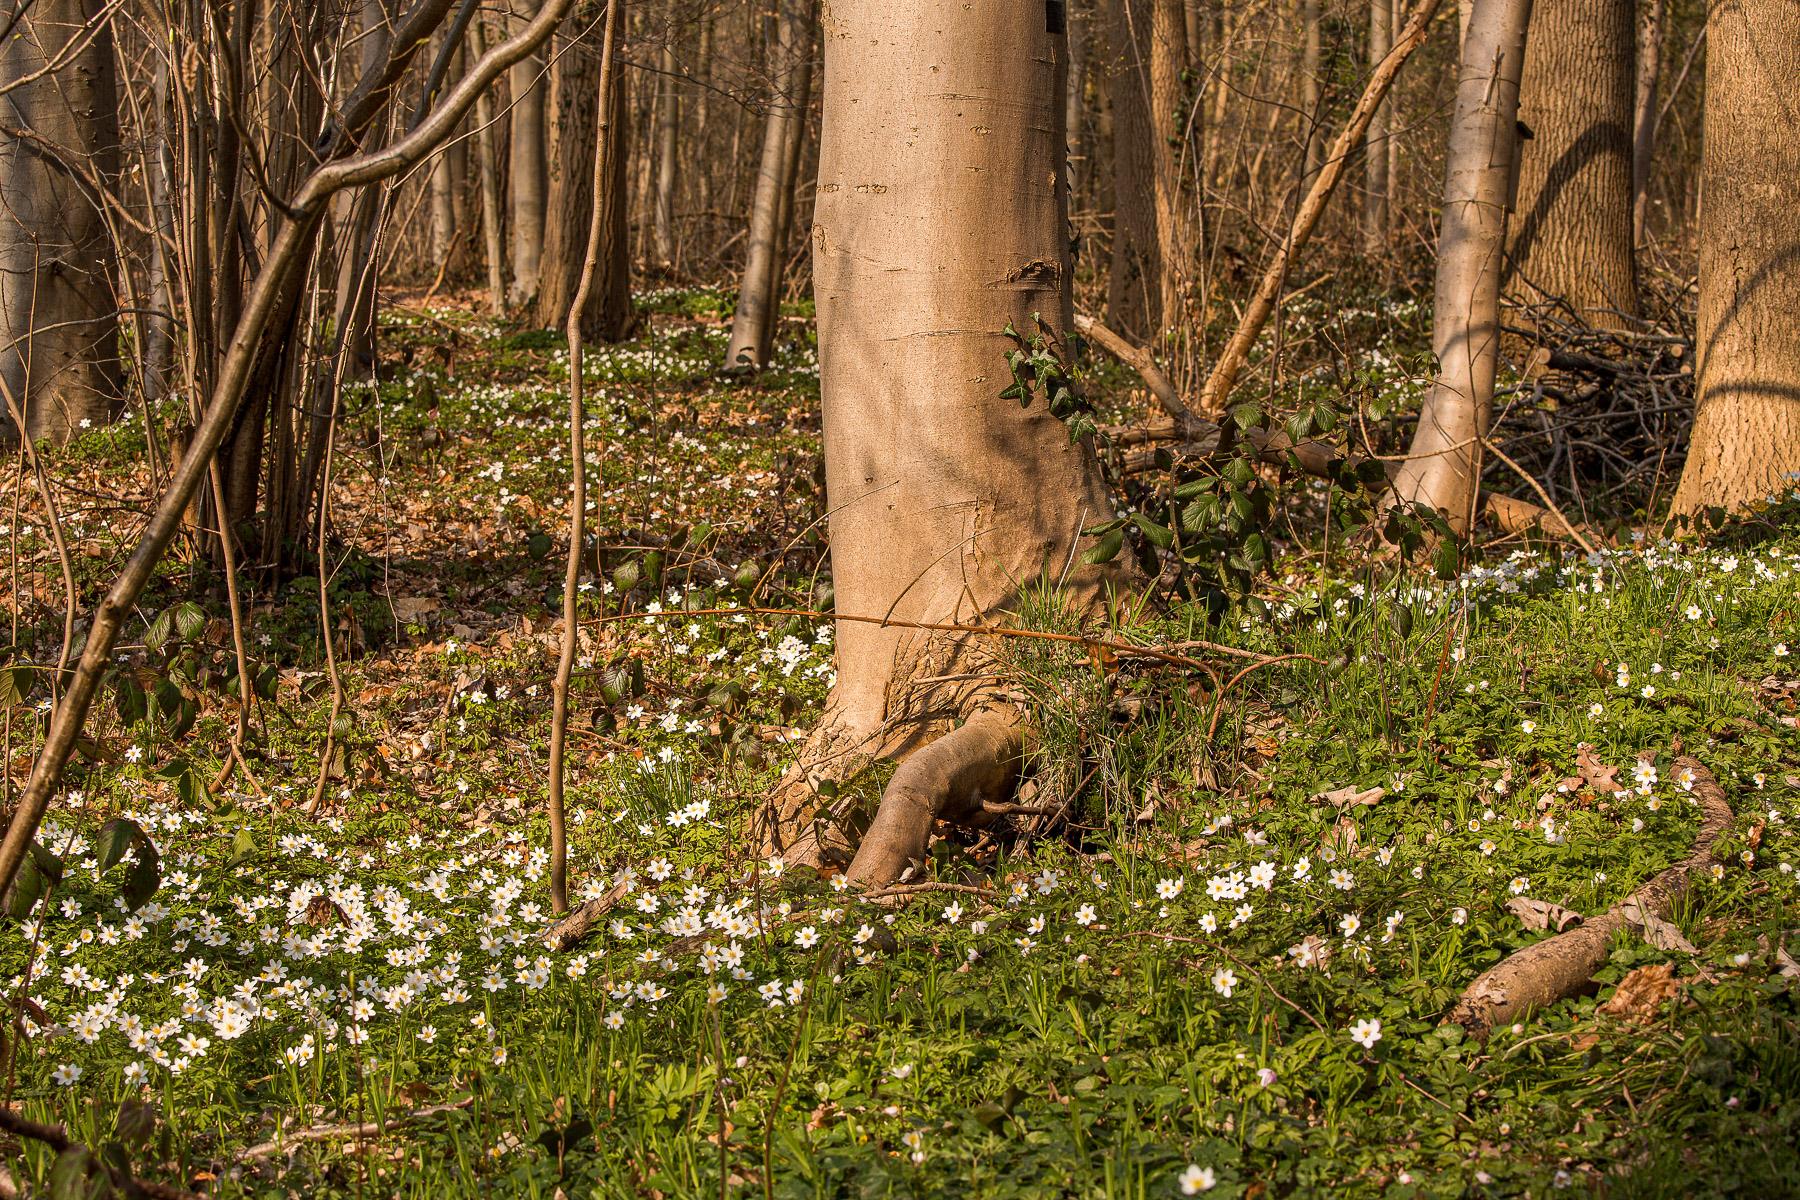 Bosanemonen in Oost-Vlaanderen, Bosanemonen in het Aelmoesneiebos, Bosanemonen fotograferen, bosanemonen oost-vlaanderen, bosanemoon oost-vlaanderen, bosanemonen locatie, bosanemoon locatie, waar bosanemonen fotograferen